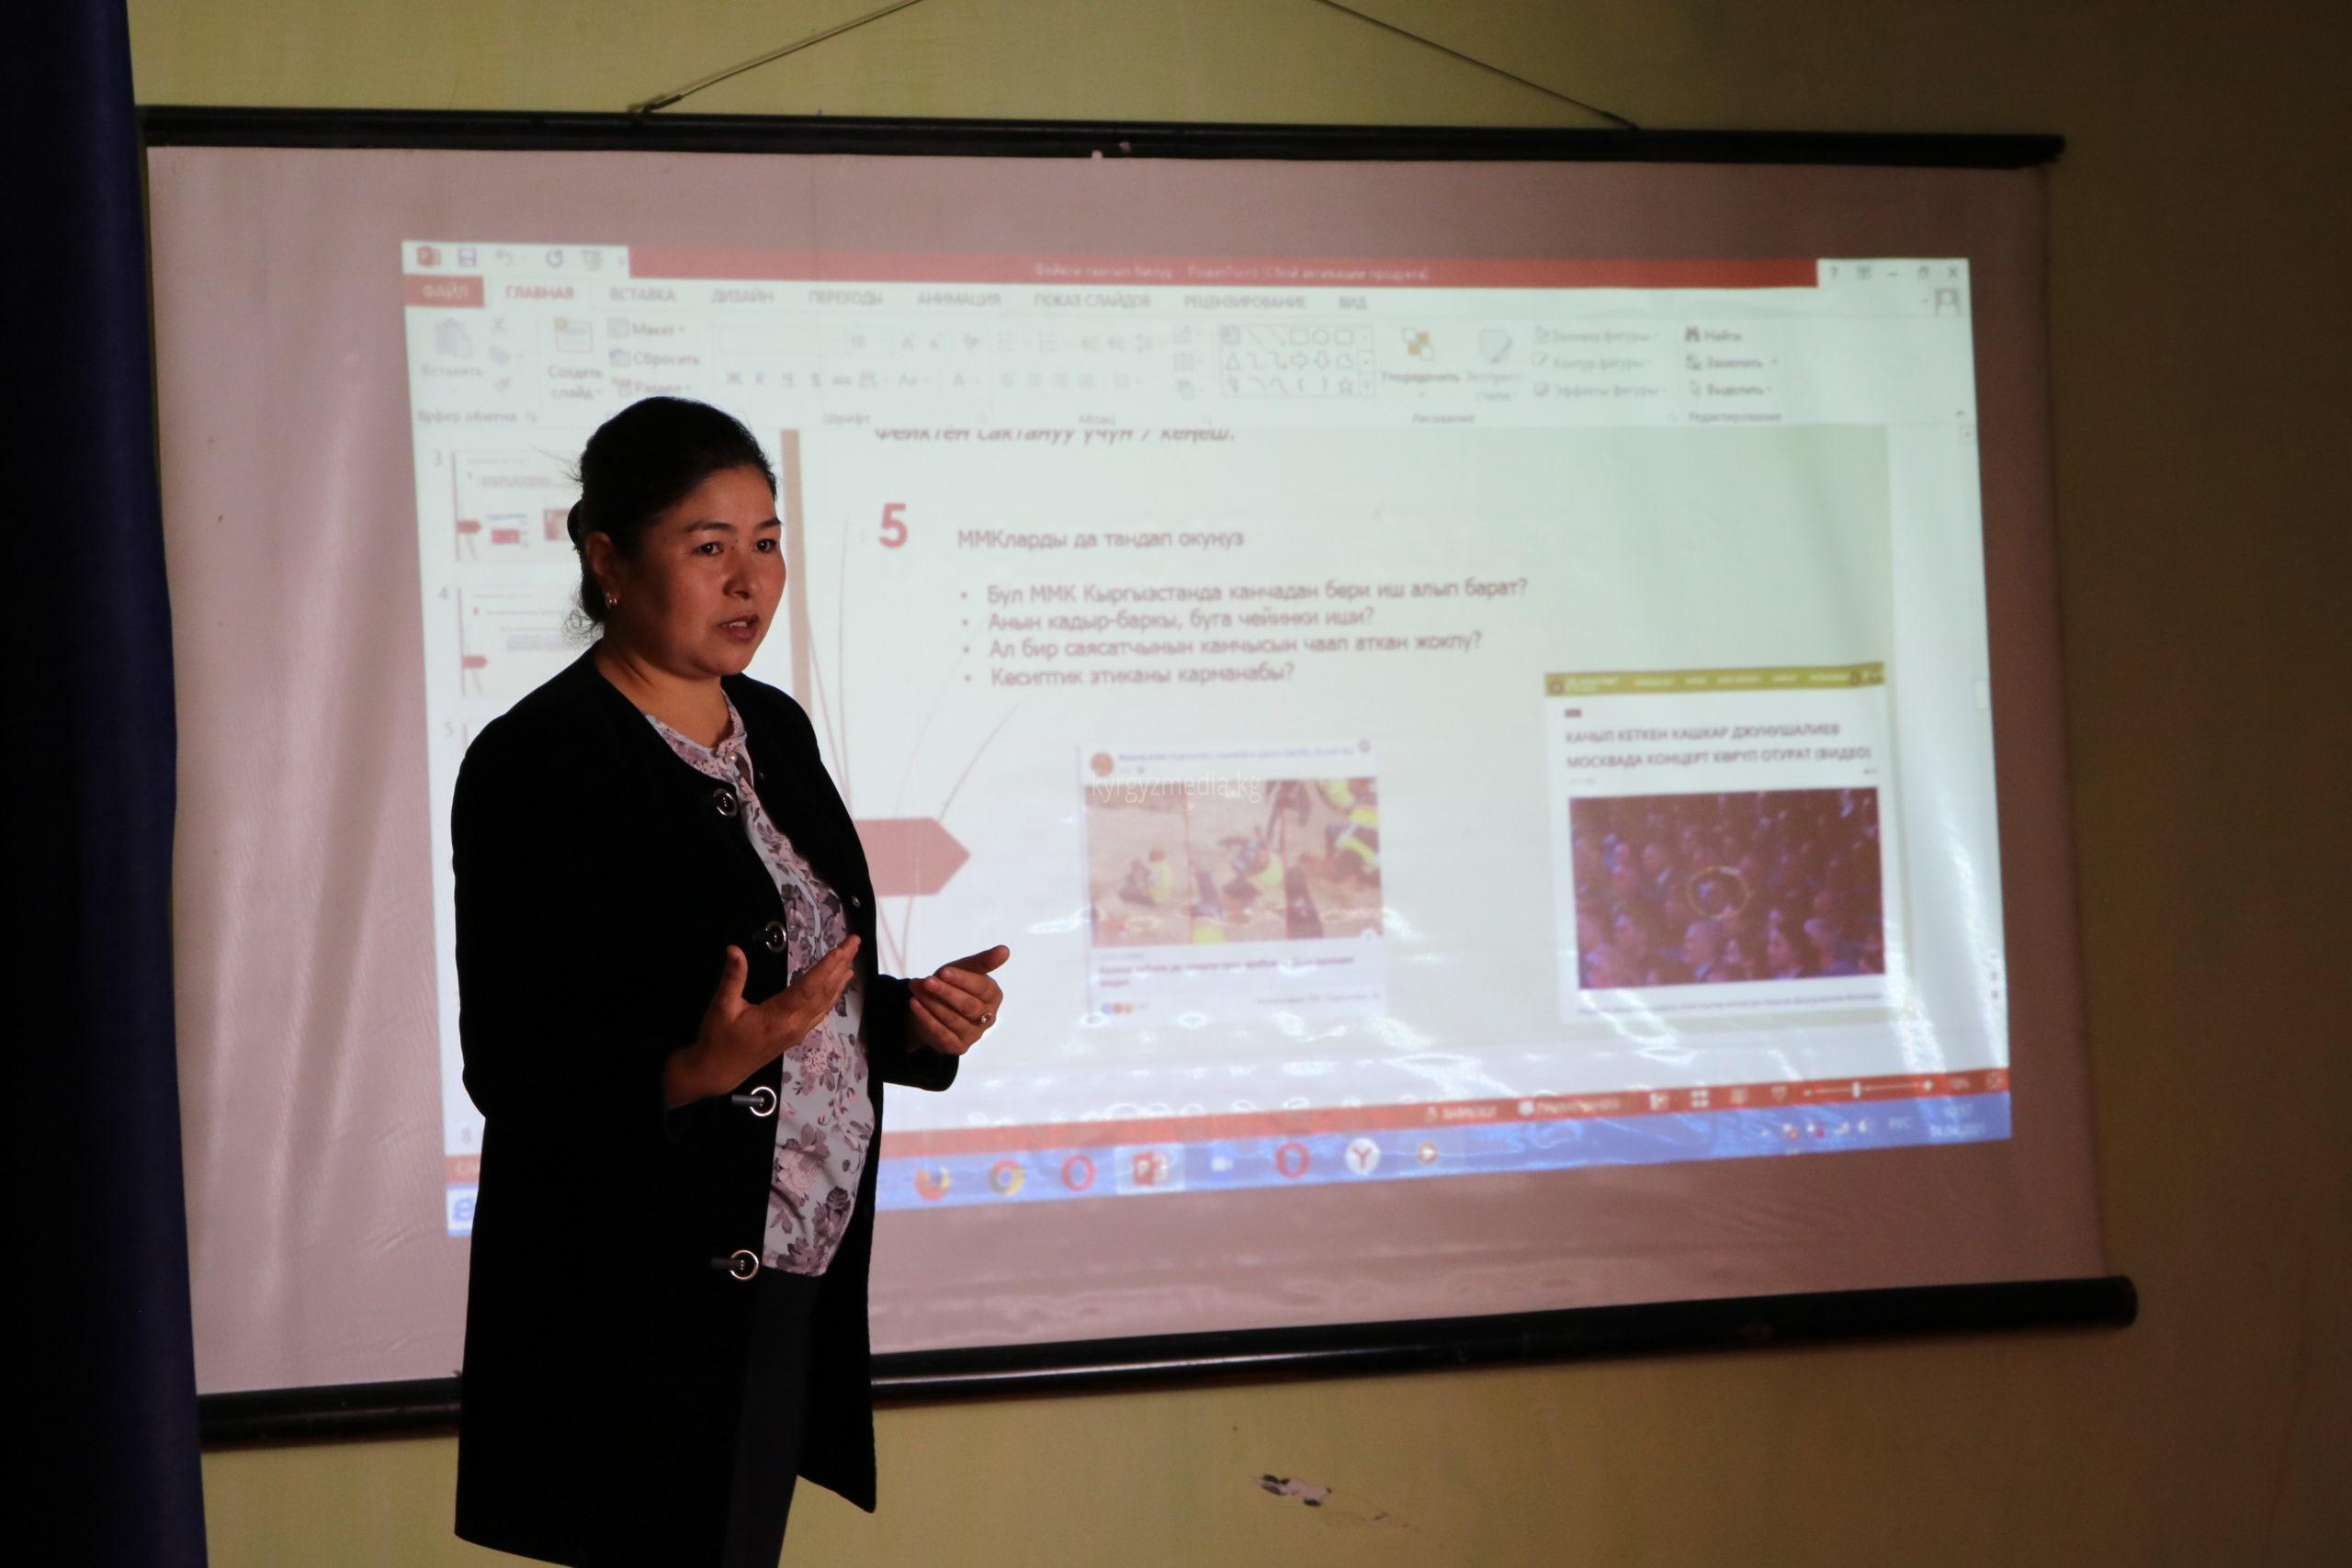 Чынара Нурманова медиа маалыматтык сабаттуулук семинарын өтүп жаткан учуру